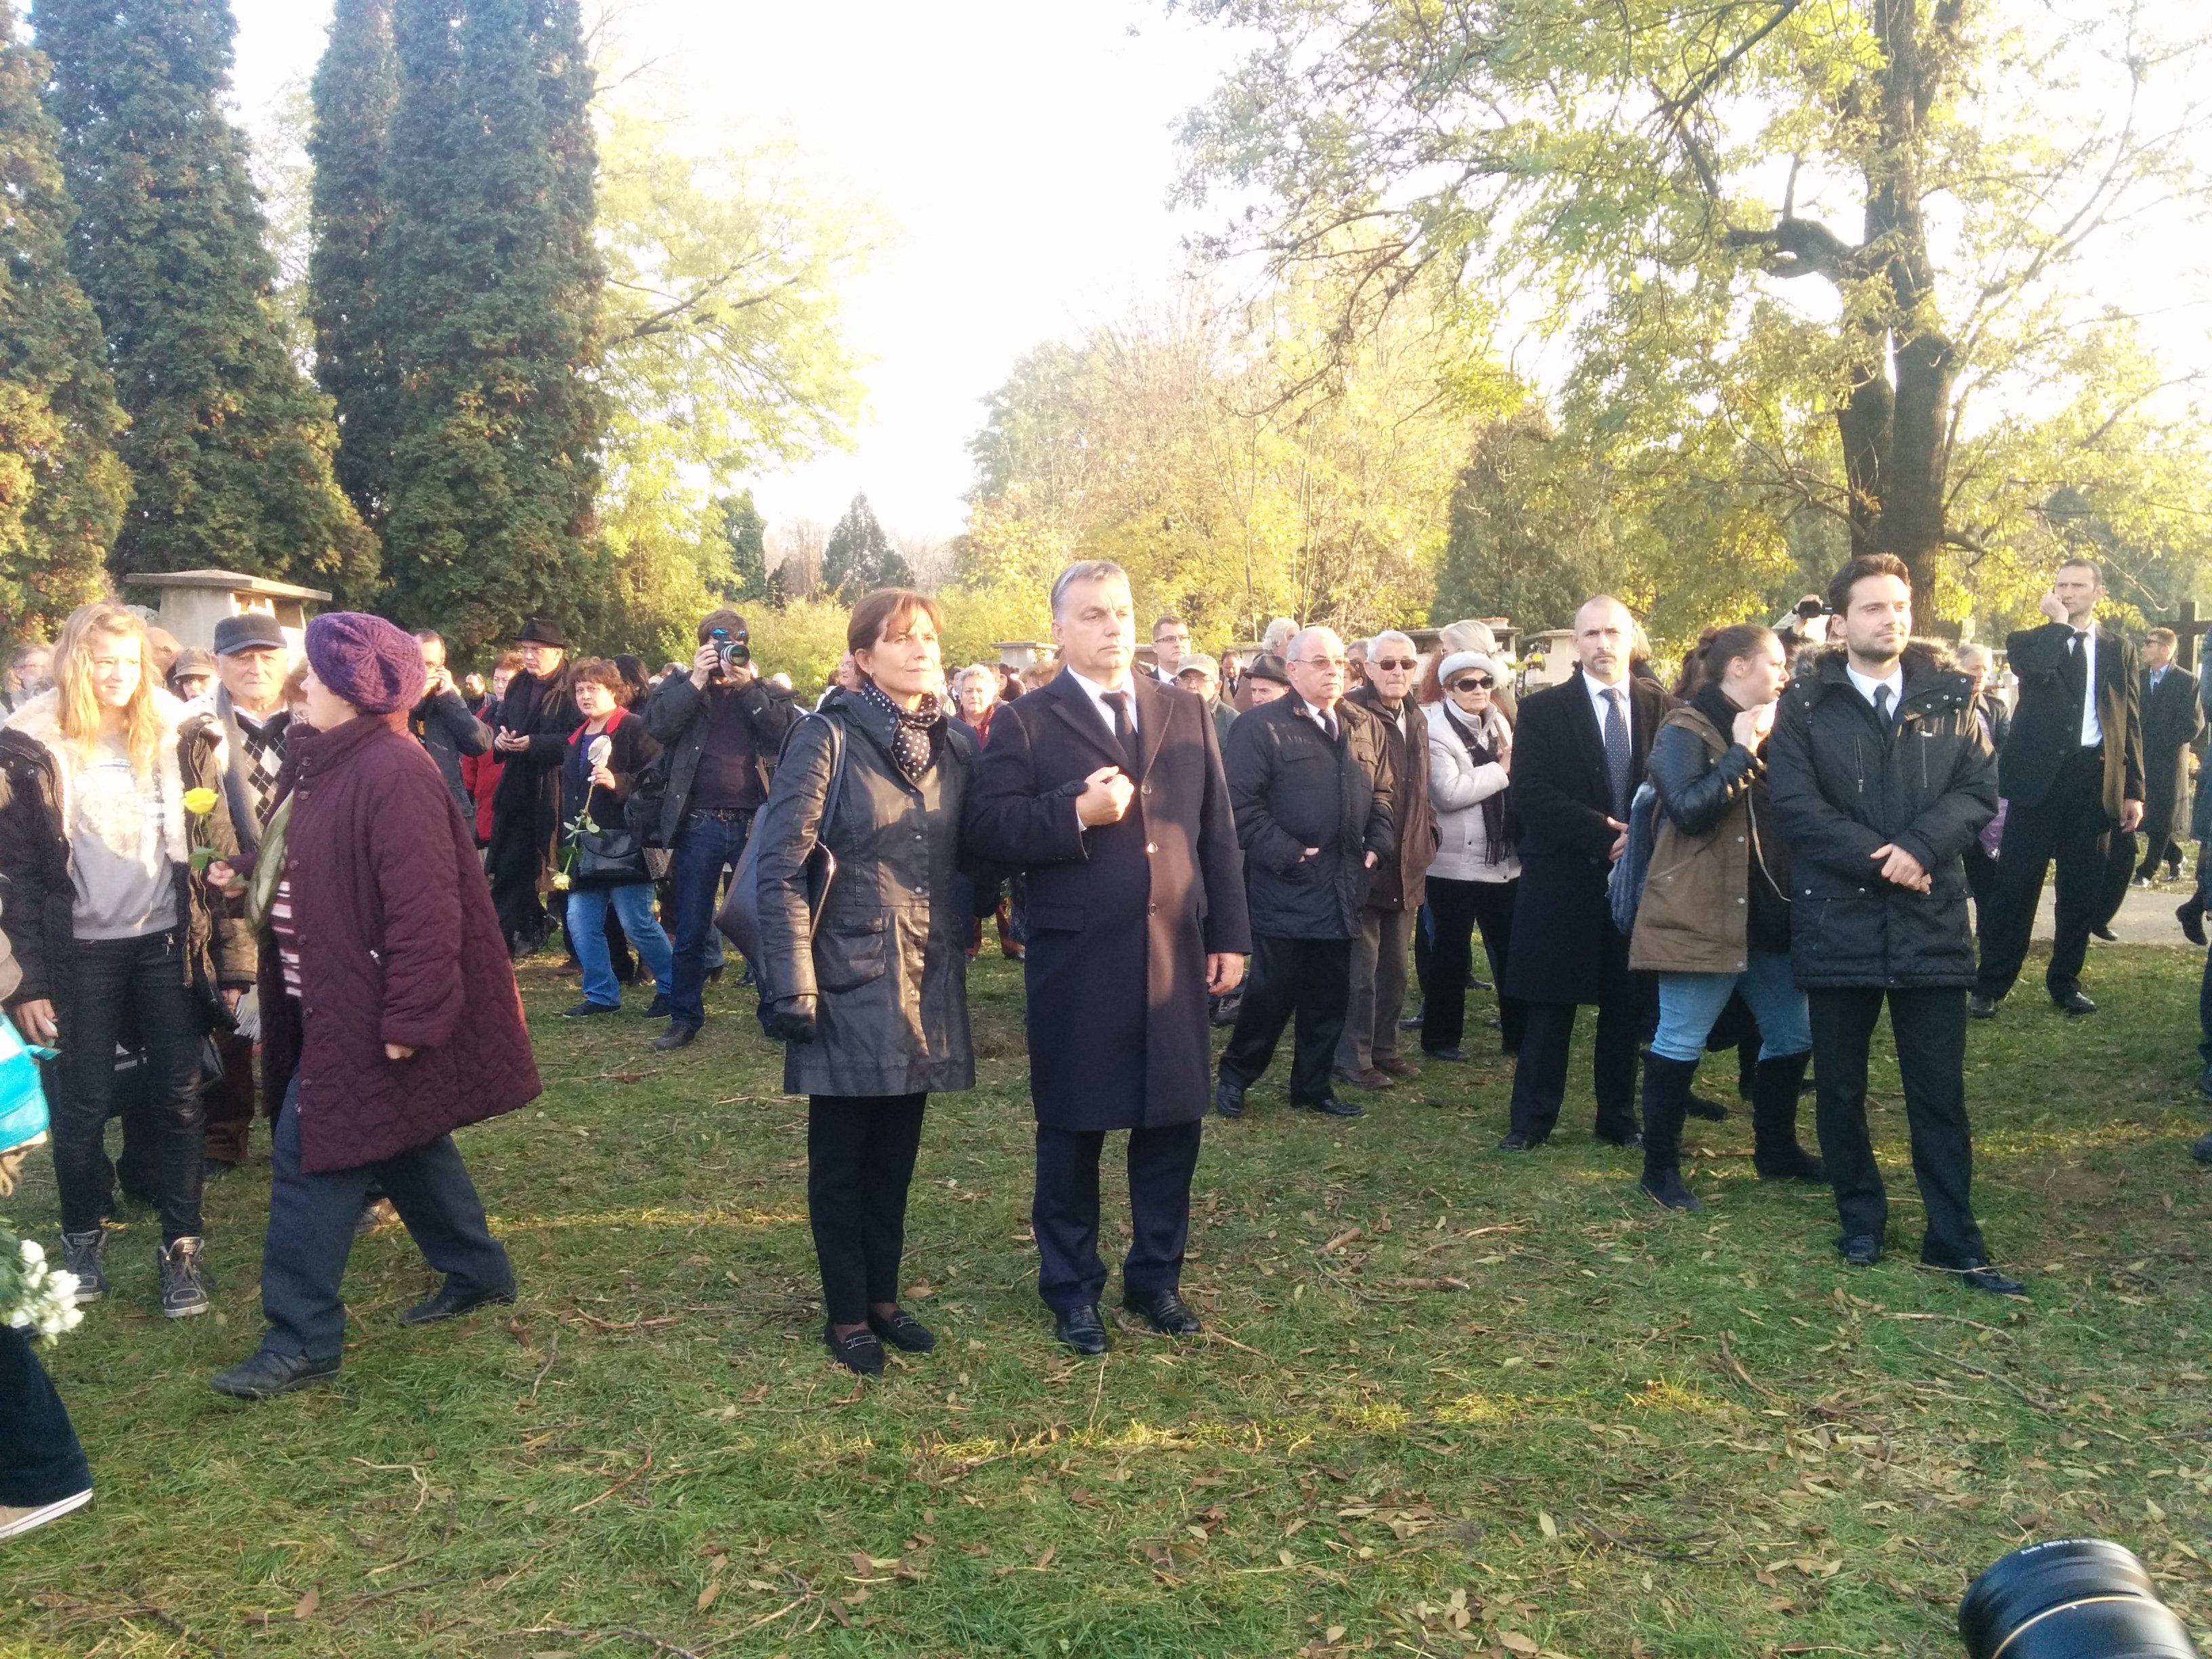 Kettényílt a tömeg Orbánék előtt Göncz Árpád temetésén